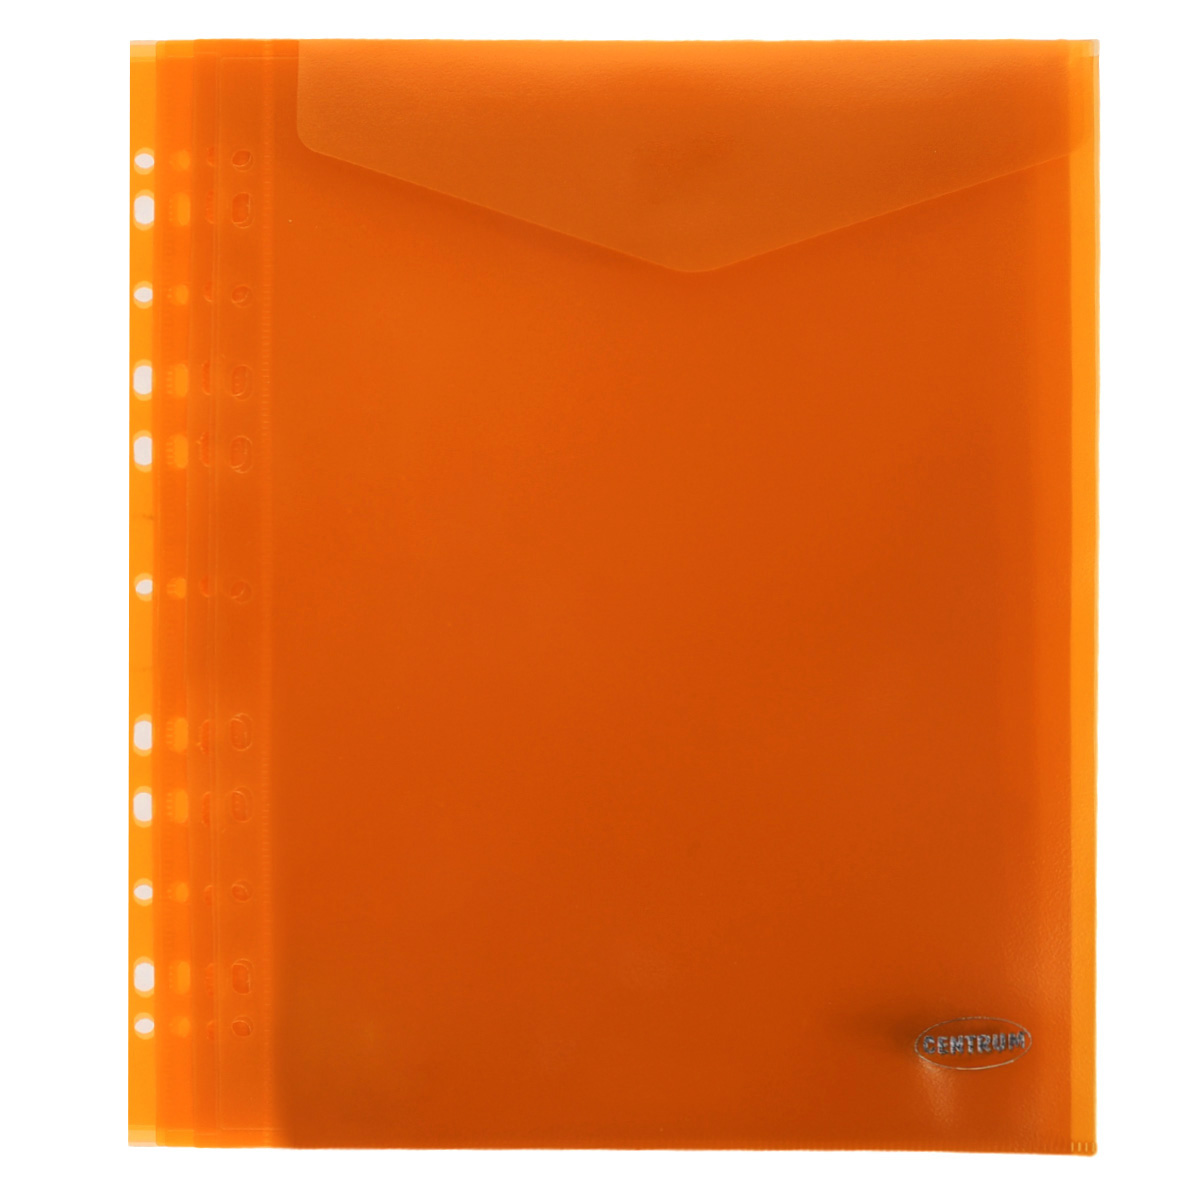 OZON.ru80037СПапка-конверт Centrum - это удобный и практичный офисный инструмент, предназначенный для хранения и транспортировки рабочих бумаг и документов формата А4. Папка изготовлена из полупрозрачного матового пластика, имеет перфорацию. В комплект входят 10 папок формата А4. Папка-конверт - это незаменимый атрибут для студента, школьника, офисного работника. Такая папка надежно сохранит ваши документы и сбережет их от повреждений, пыли и влаги.